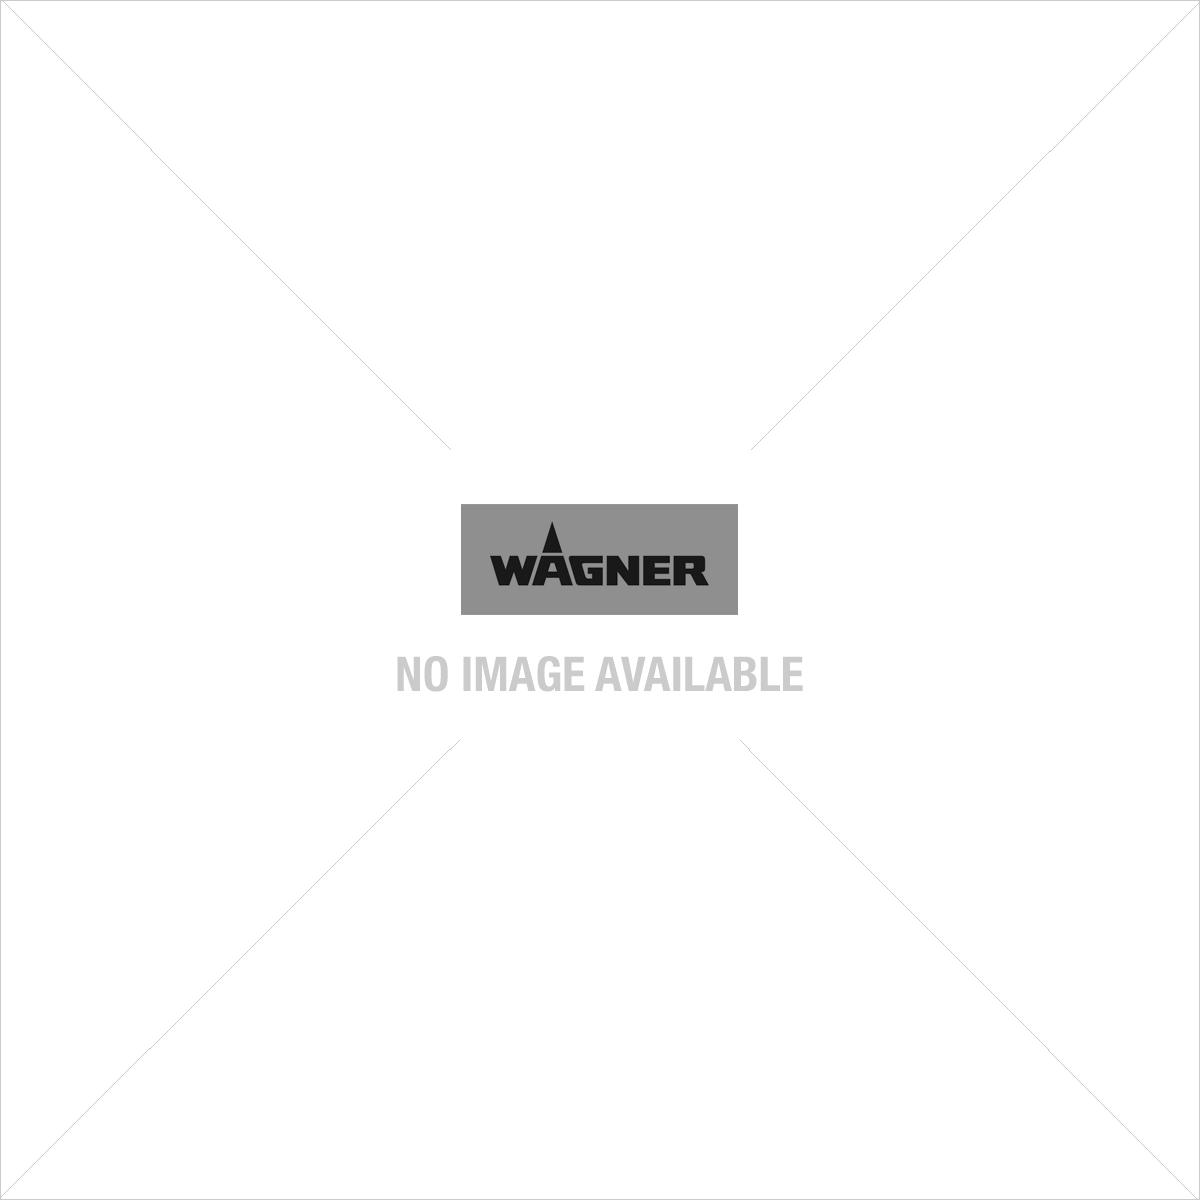 Grote afplakset Wagner